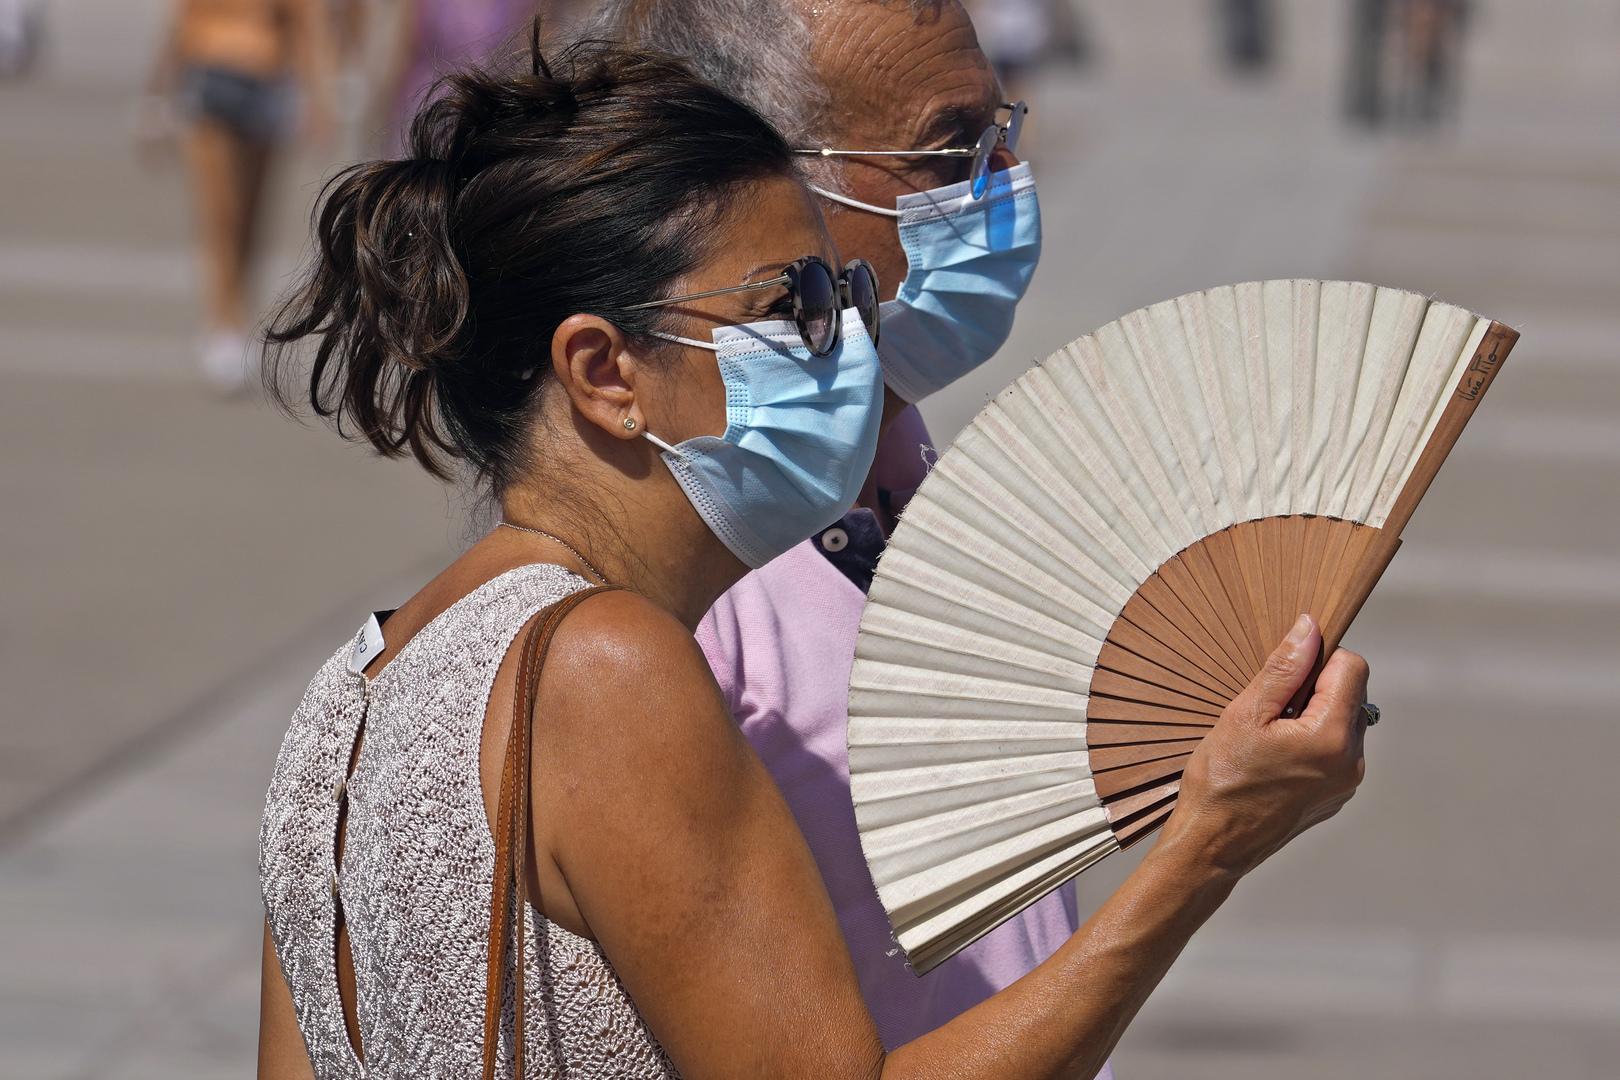 إسبانيا والبرتغال تستعدان لخطر حرائق الغابات وسط موجة حر